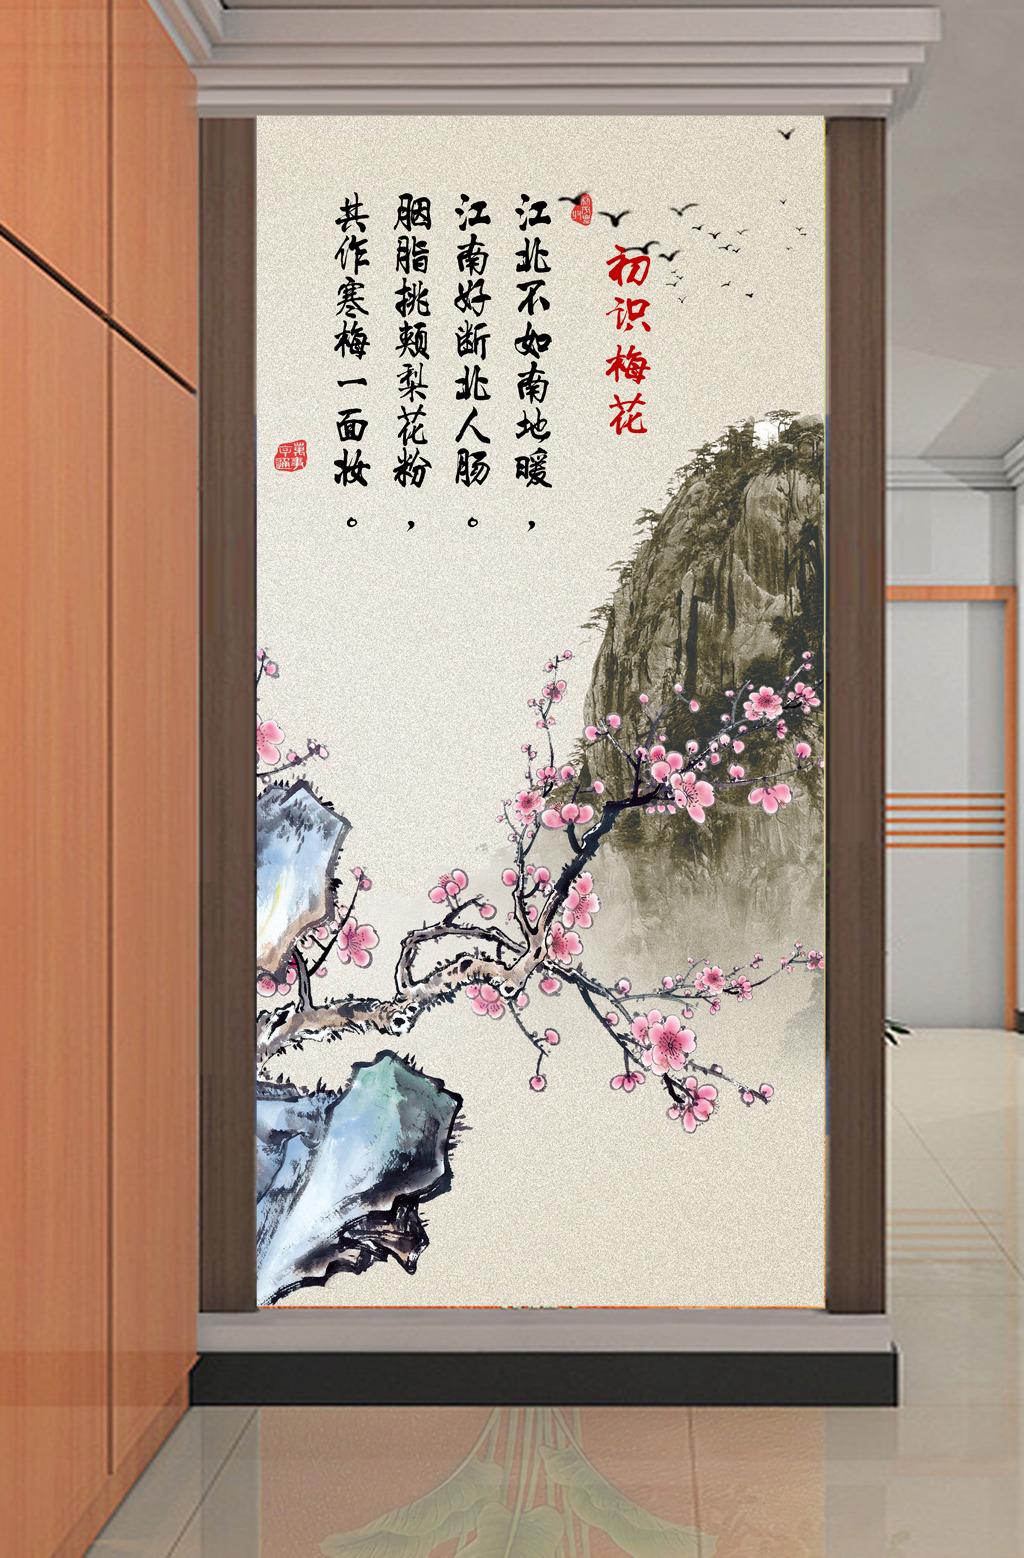 国画水墨画梅花山水风景画玄关模板下载(图片编号:)